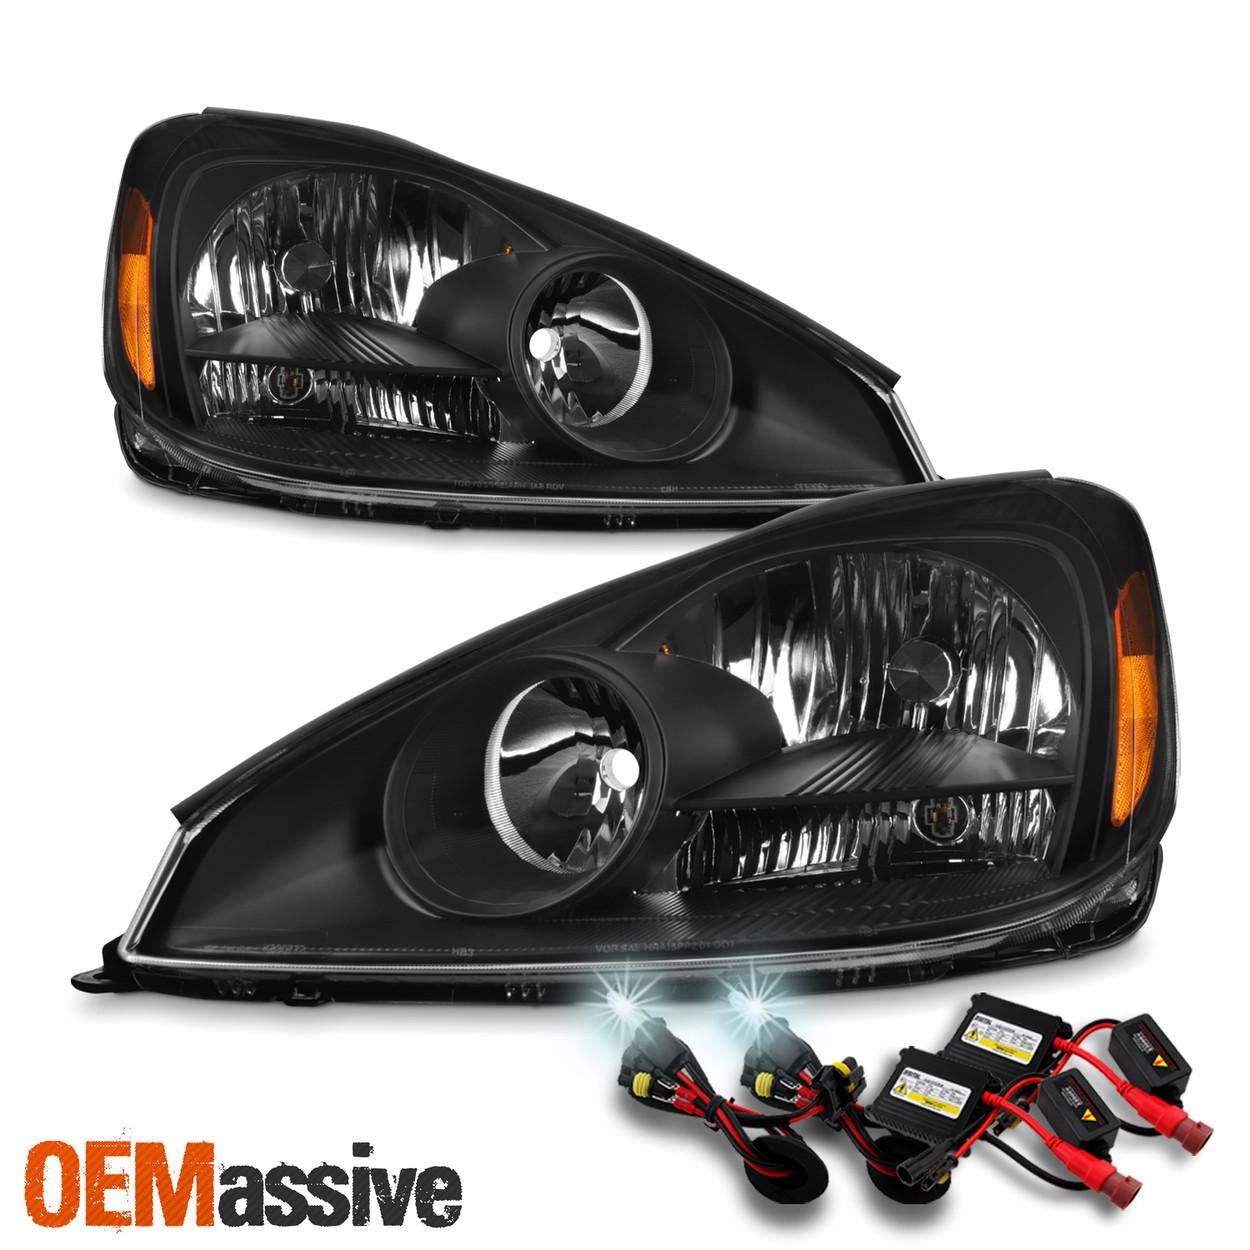 HID Xenon Halogen Light Bulbs Toyota Sienna 2004 2005 2006 2007 2008 2009 2010